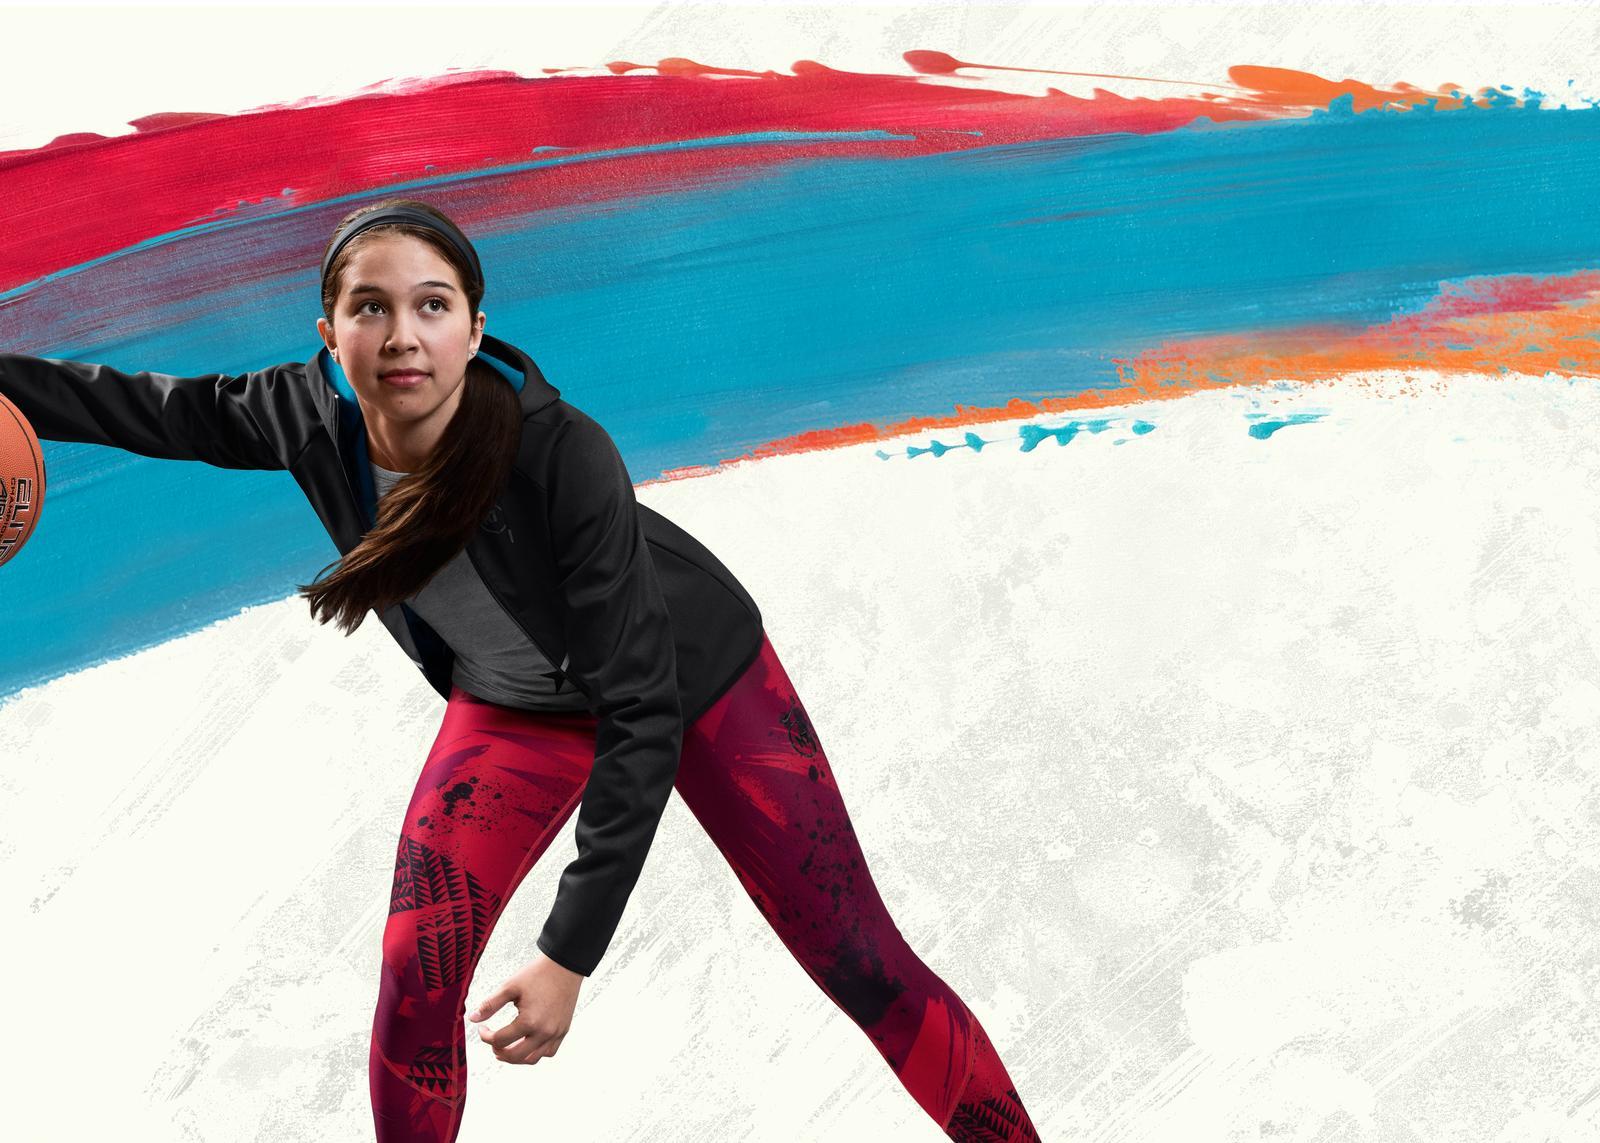 Nike N7 Perseverance